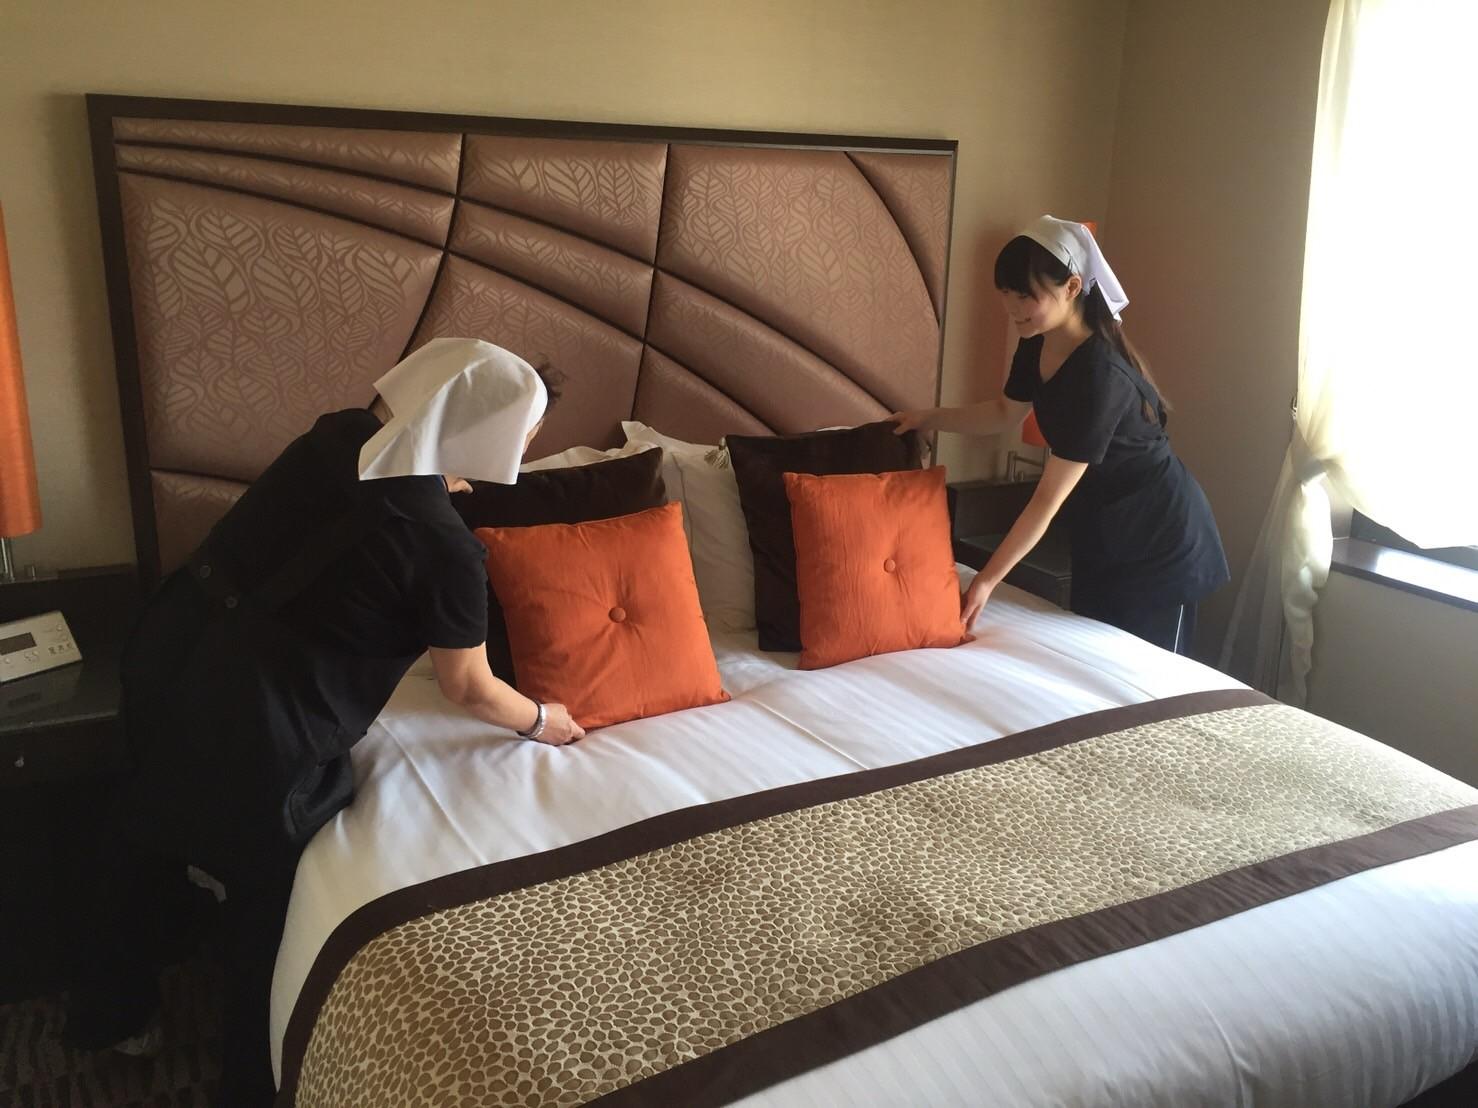 客室清掃スタッフ 水戸市エリア 株式会社マコトサービス のアルバイト情報